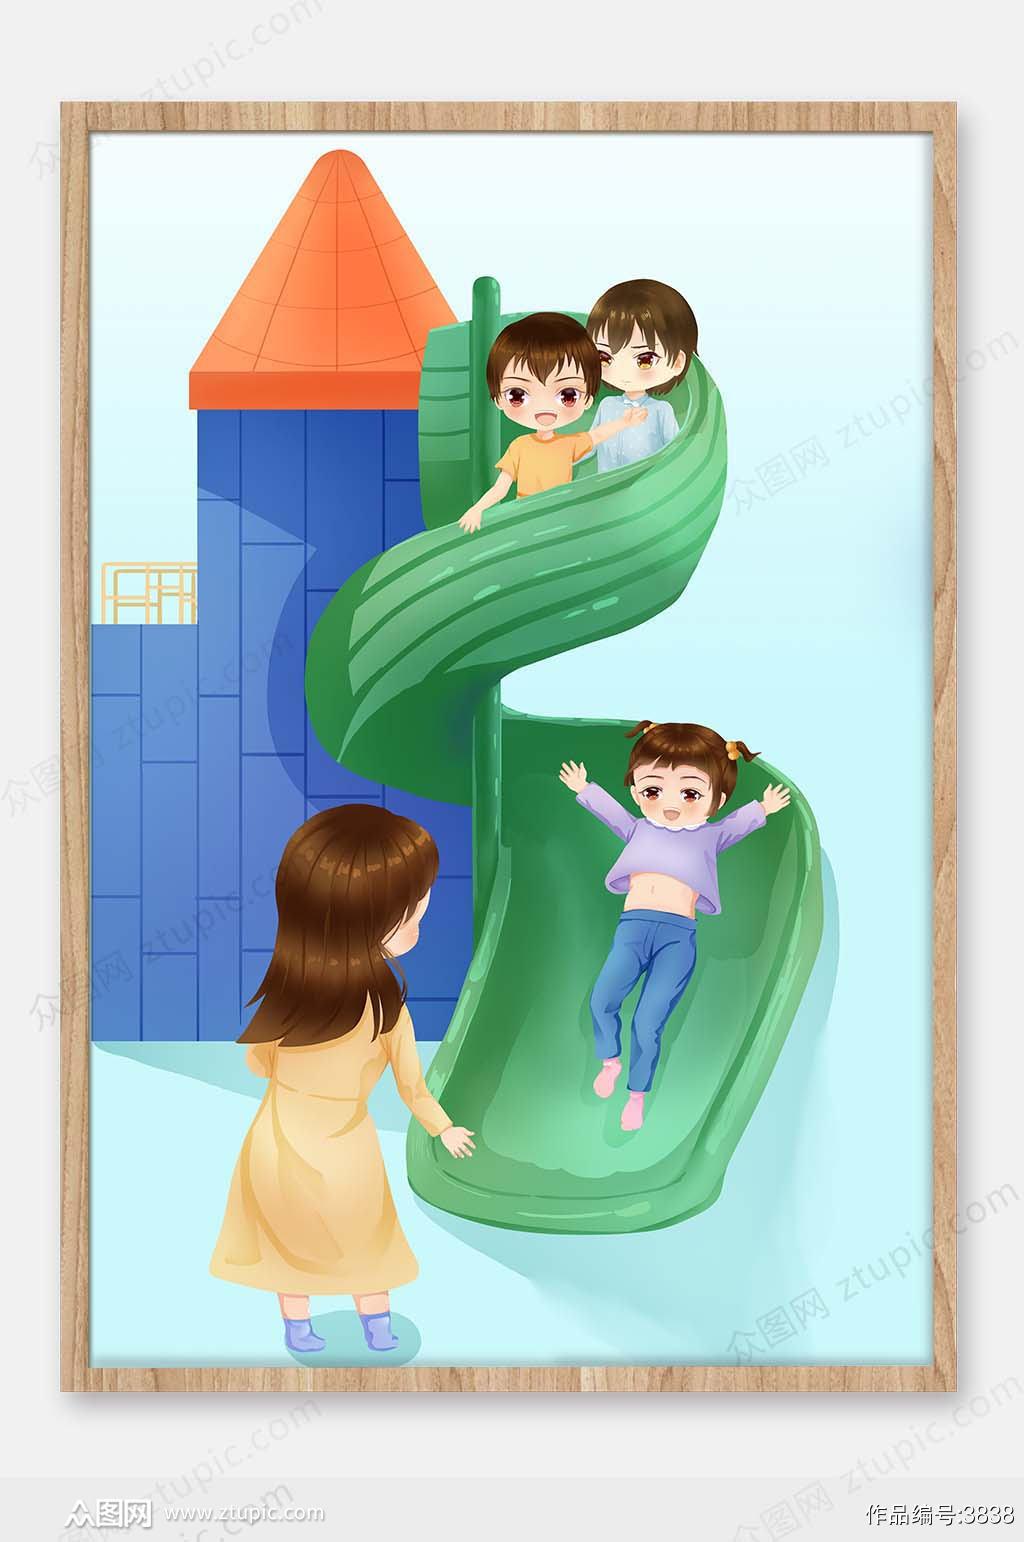 儿童节游乐场插画素材